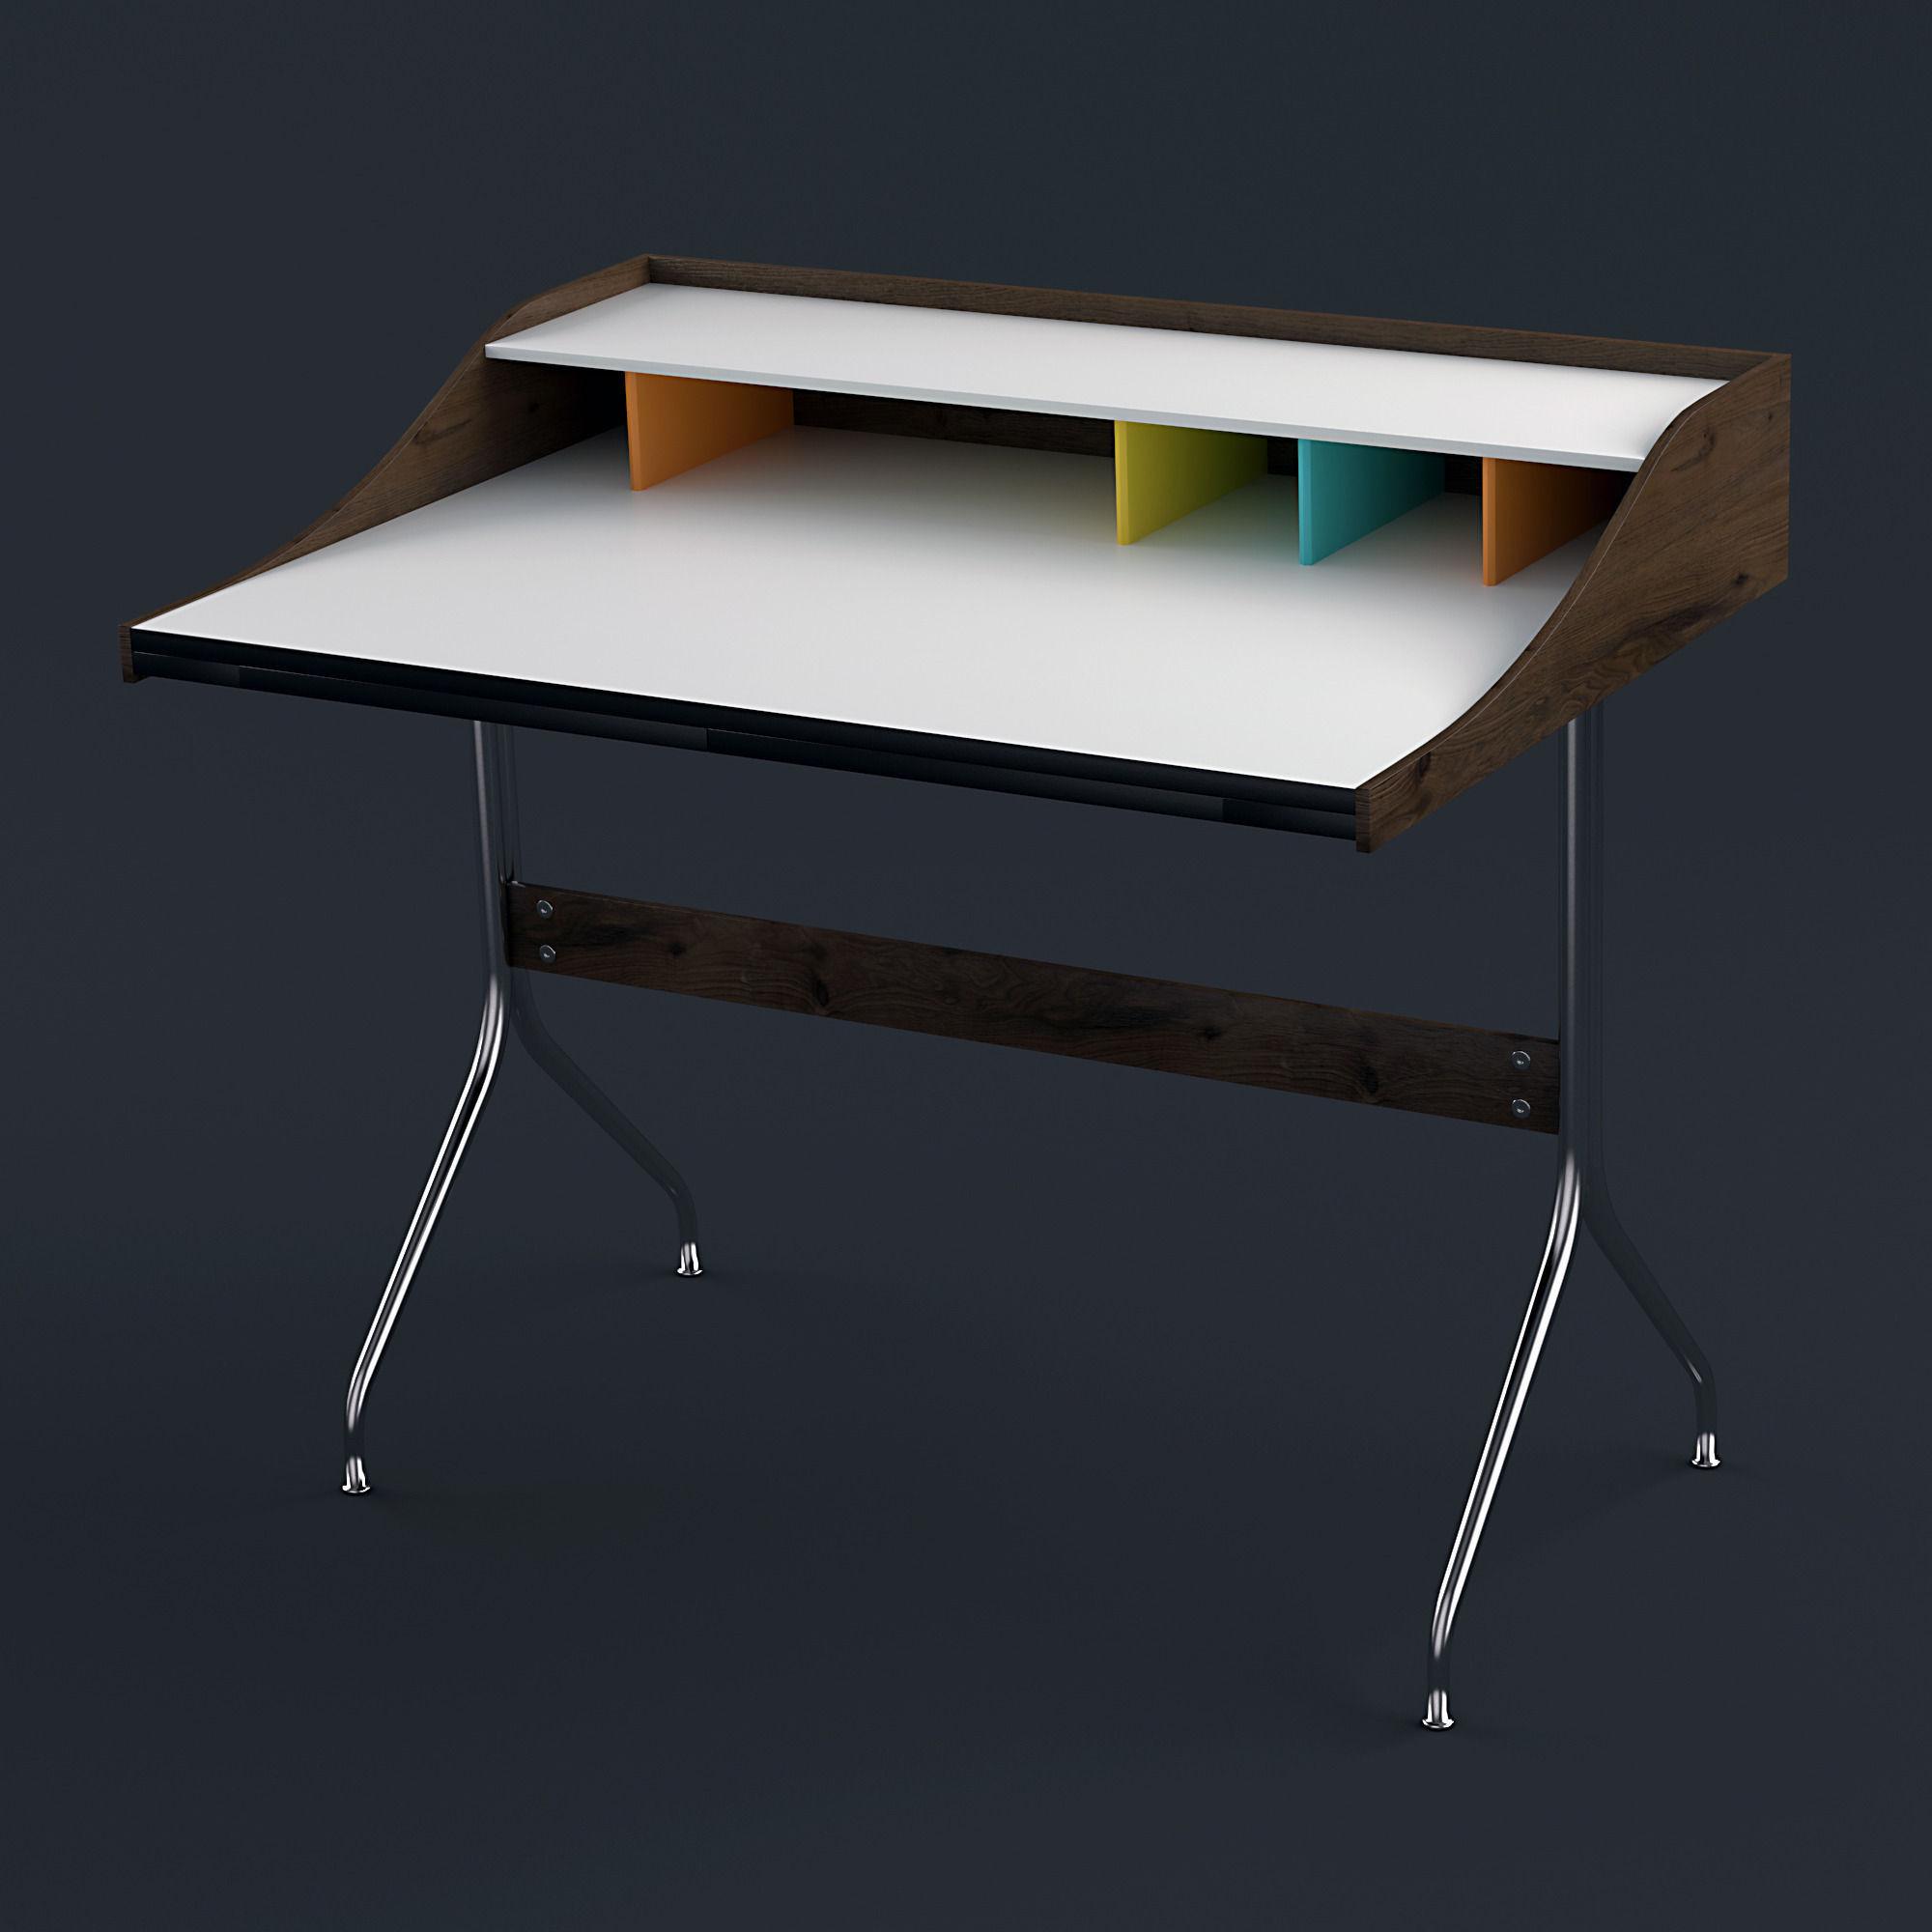 nelson swag leg desk d model max obj ds fbx mtl - nelson swag leg desk d model max obj ds fbx mtl